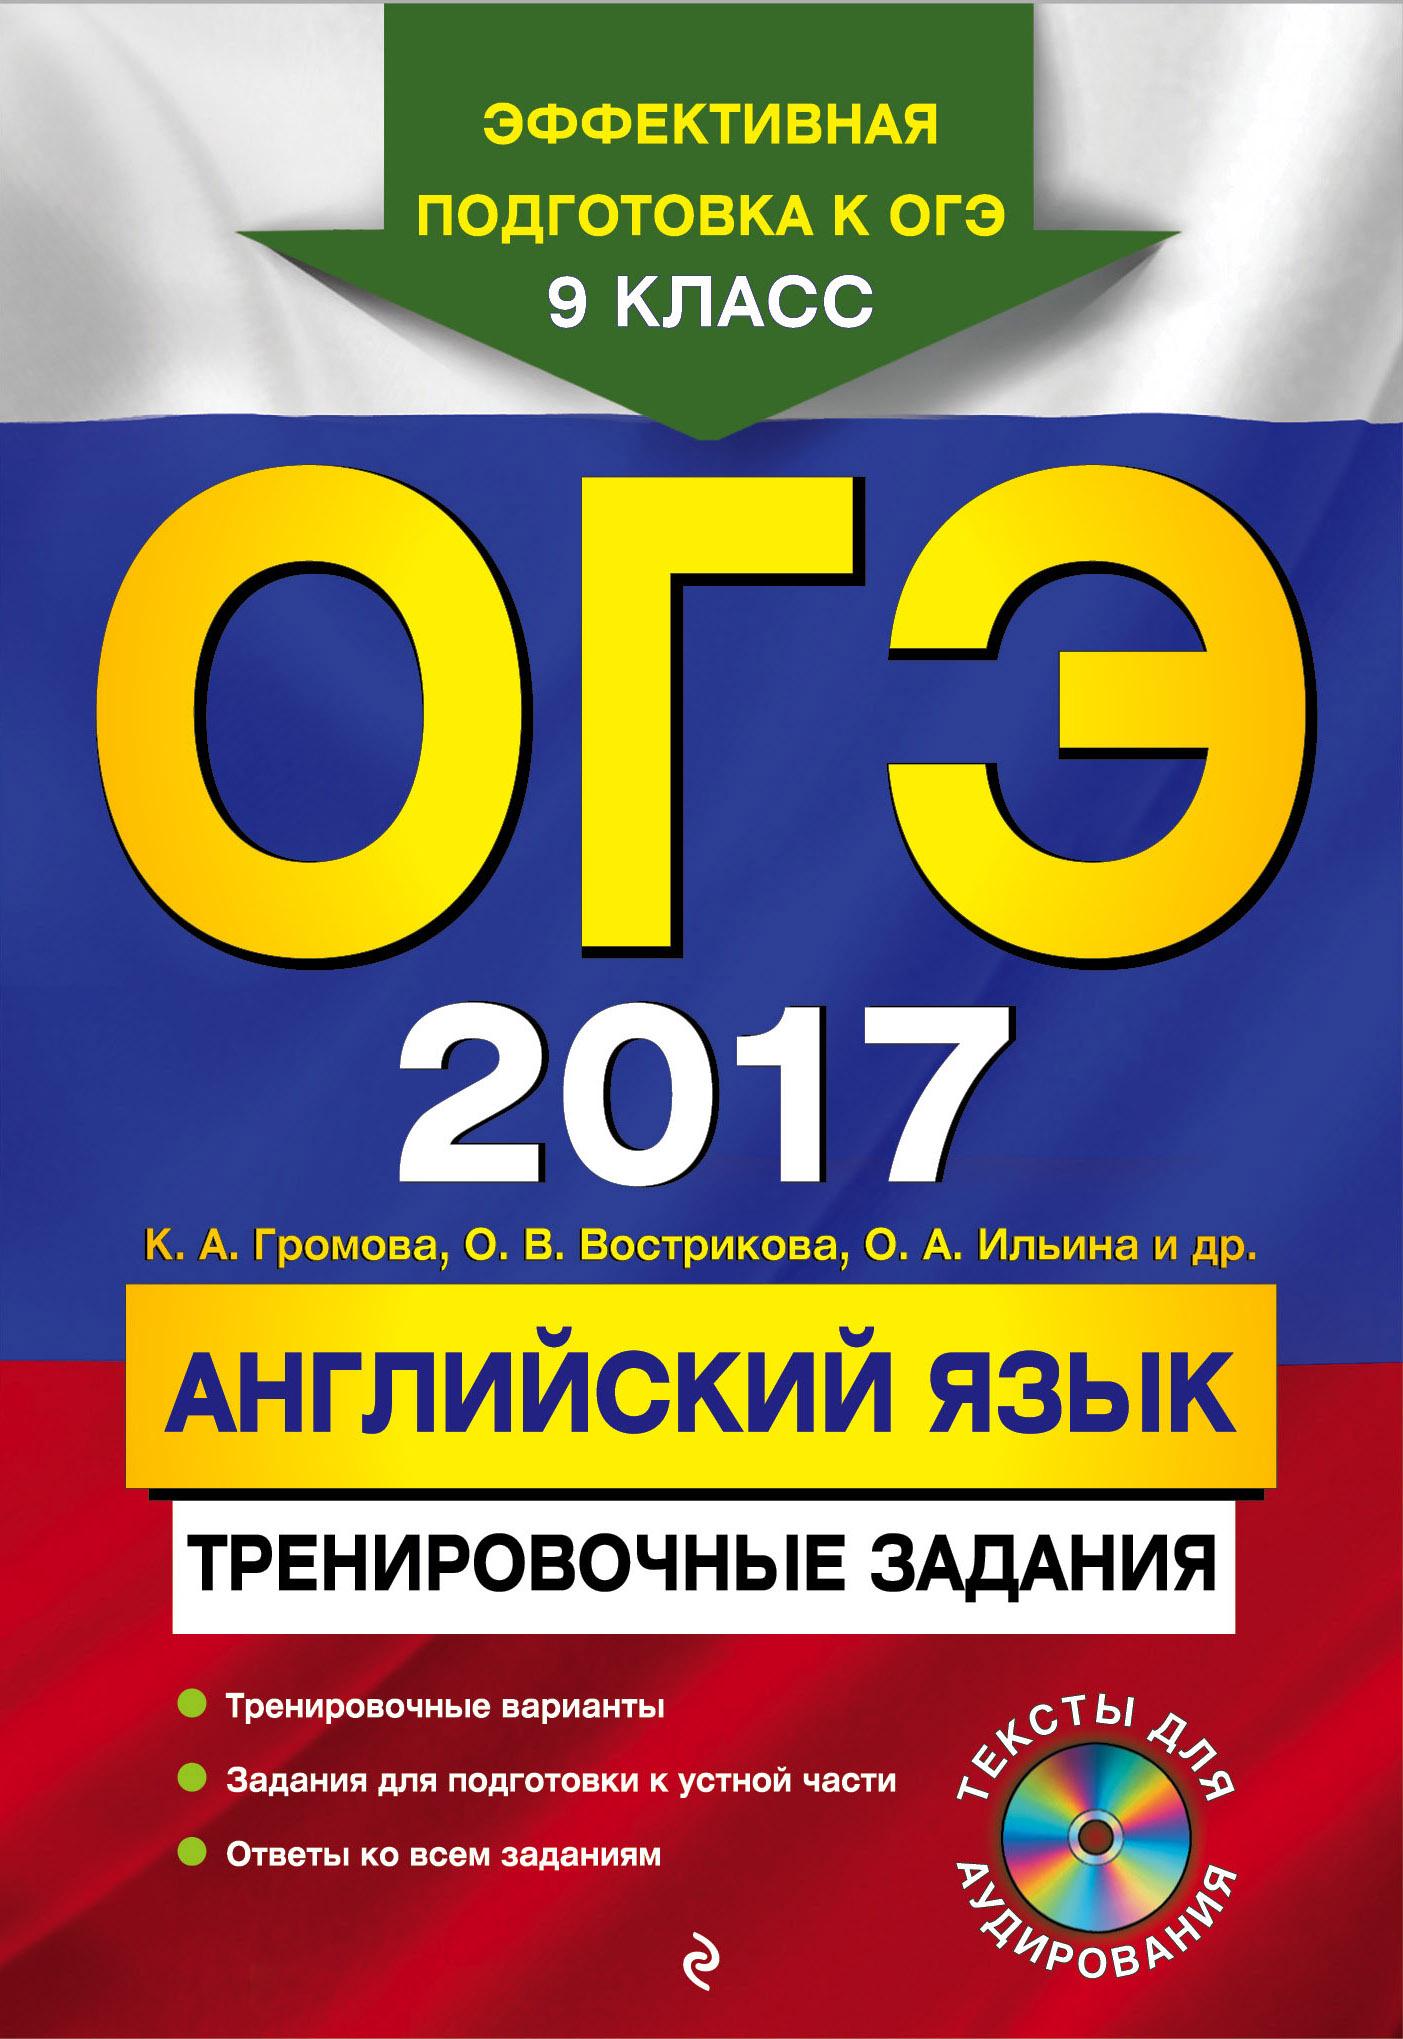 ОГЭ-2017. Английский язык: тренировочные задания (+ CD) ( Громова К.А., Вострикова О.В., Ильина О.А.  )